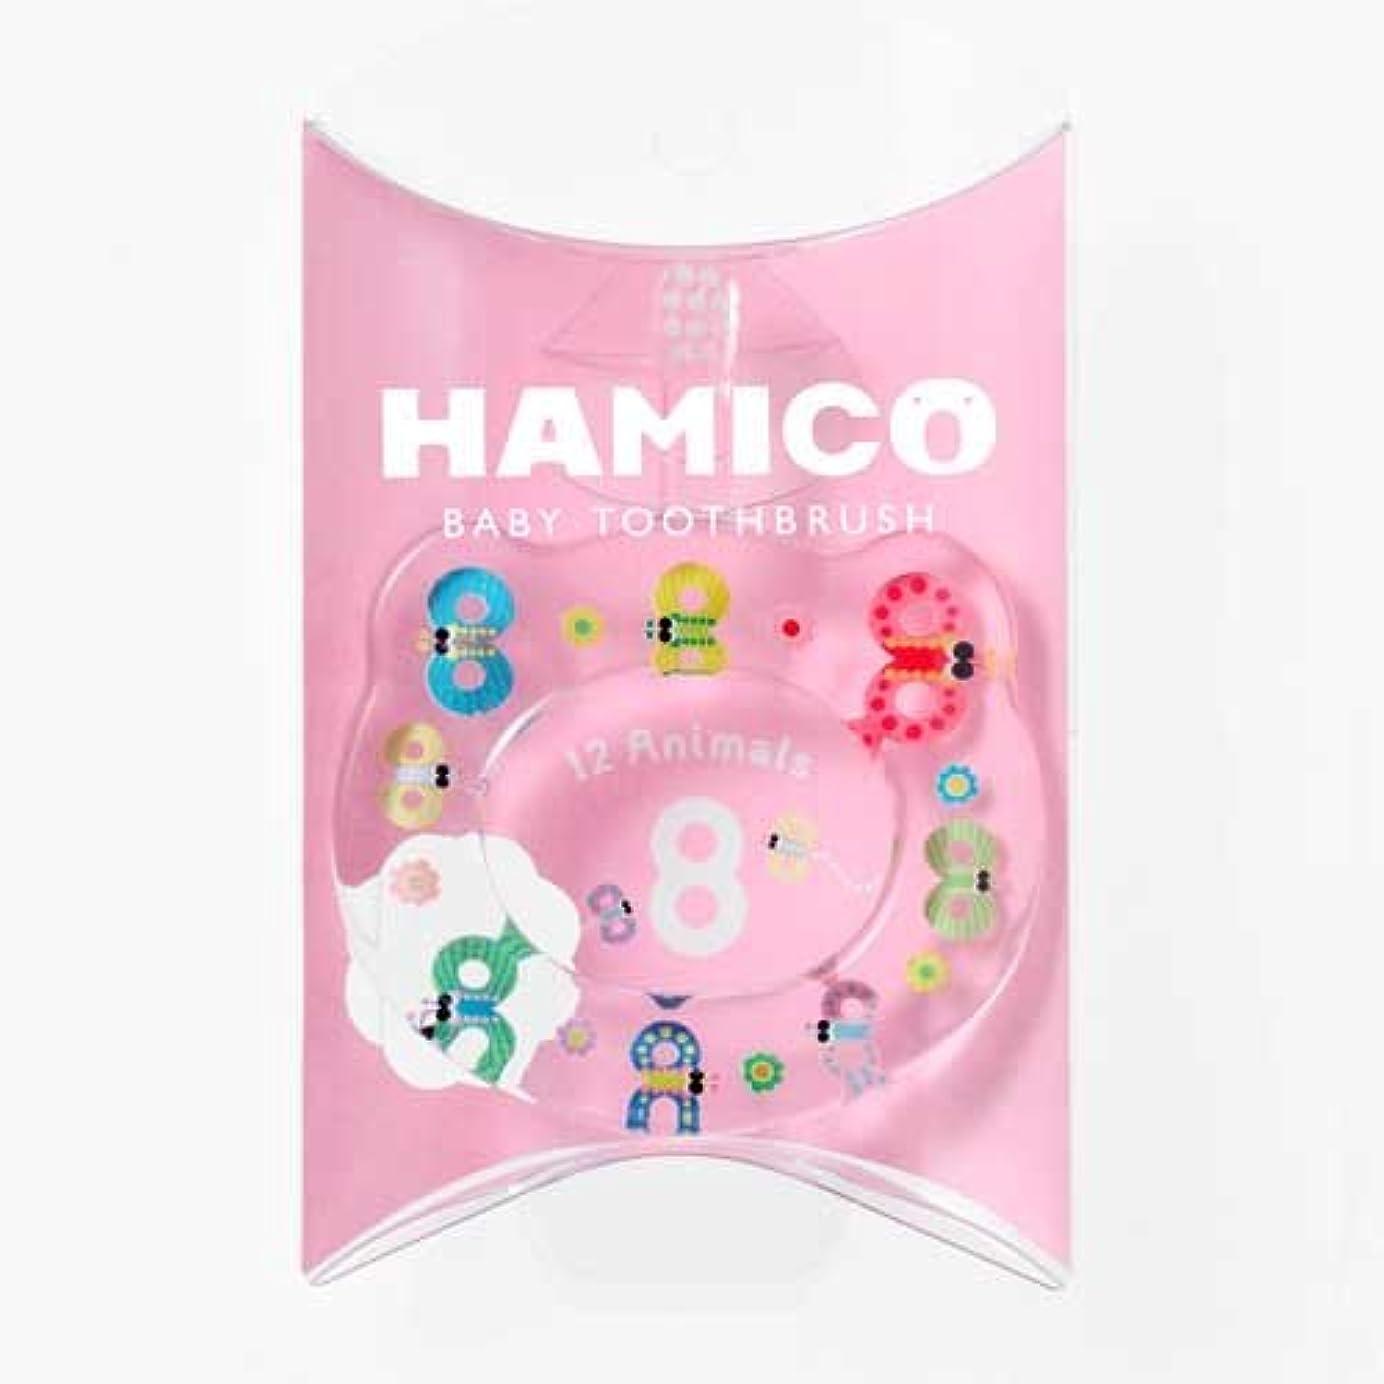 塊栄光のペストリーHAMICO(ハミコ) ベビー歯ブラシ 「12 Animals(12アニマルズ)」シリーズ チョウ (08)